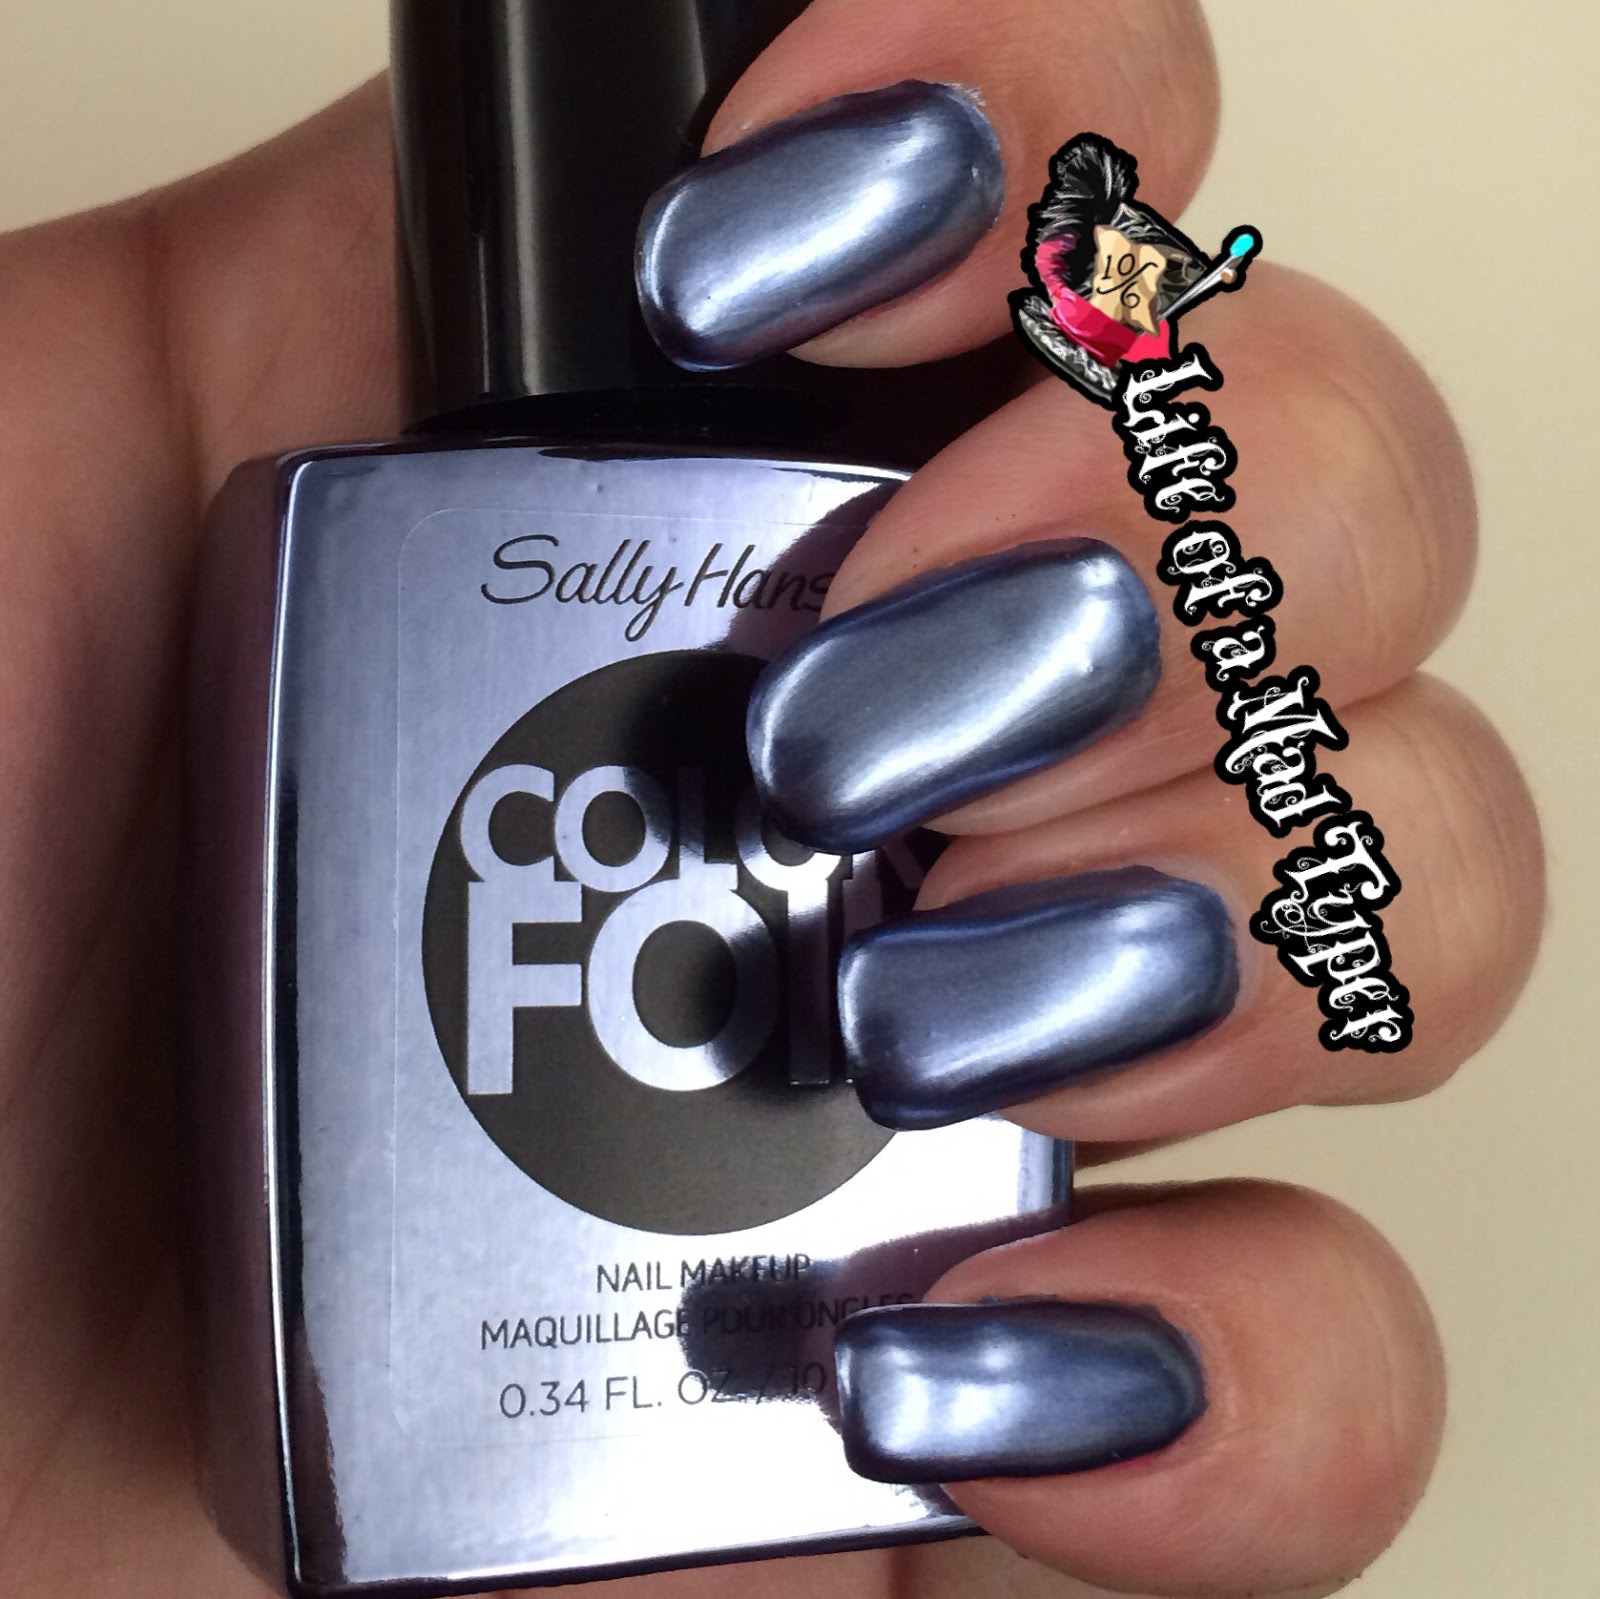 Sally Hansen ColorFoil Leaden Lilac